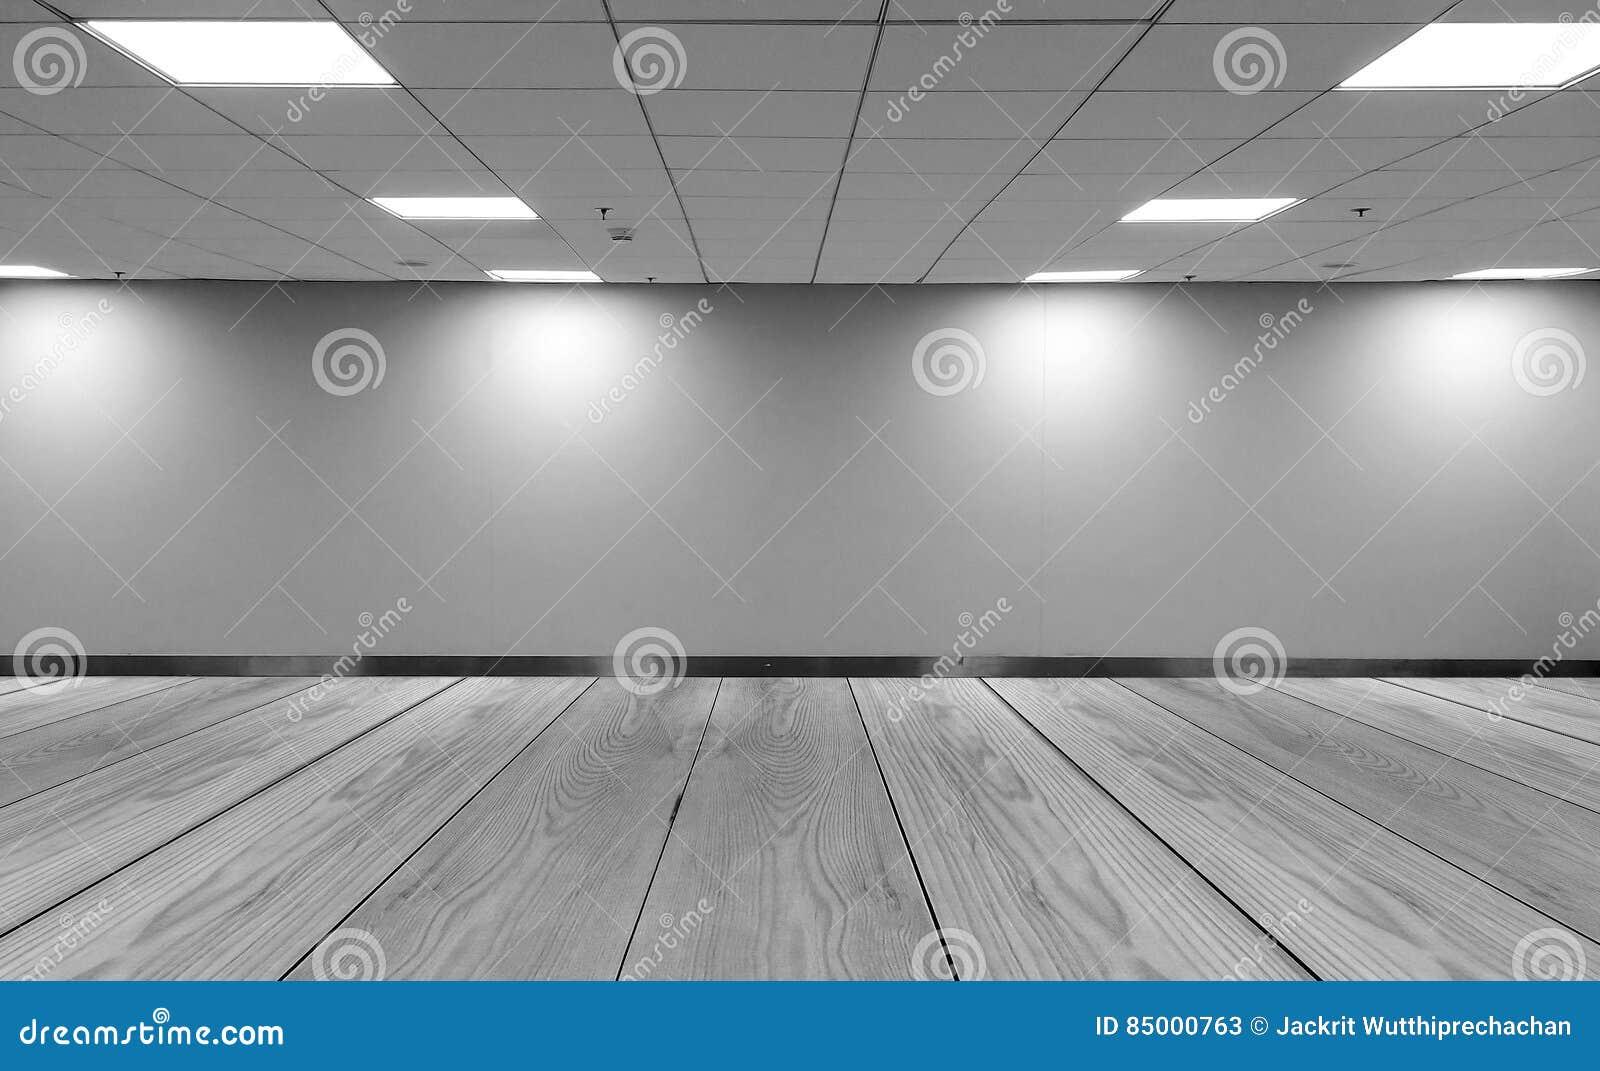 Stellen de Lege Ruimte Monotone Zwarte Witte het Bureauzaal van de perspectiefmening met LEIDENE van het Rijplafond Lichte Lampen